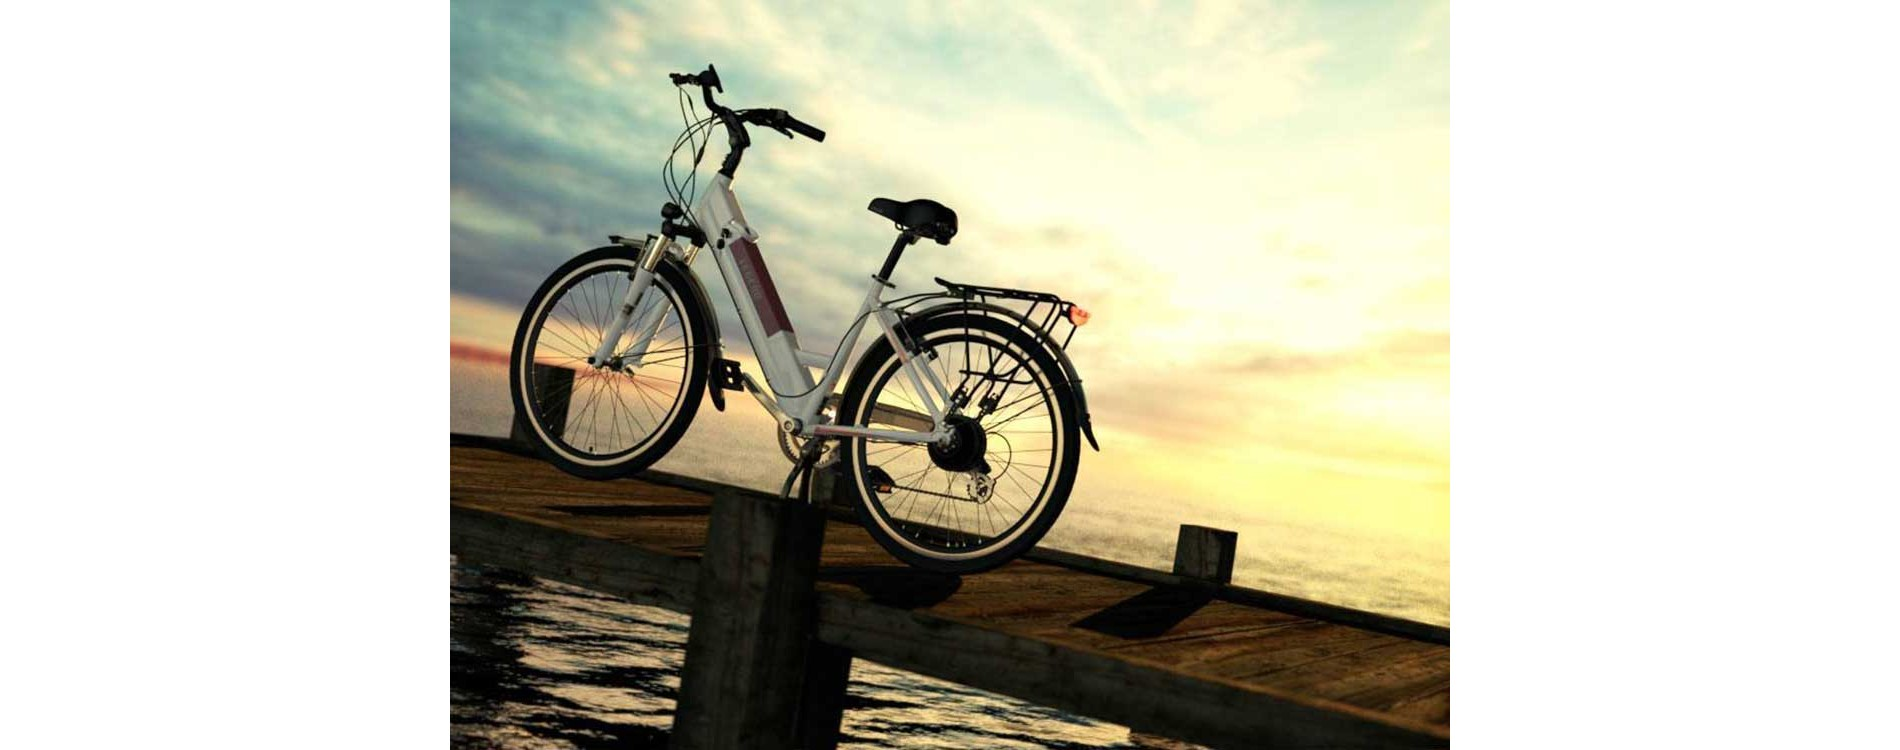 Milano Electric Bike - Artic White